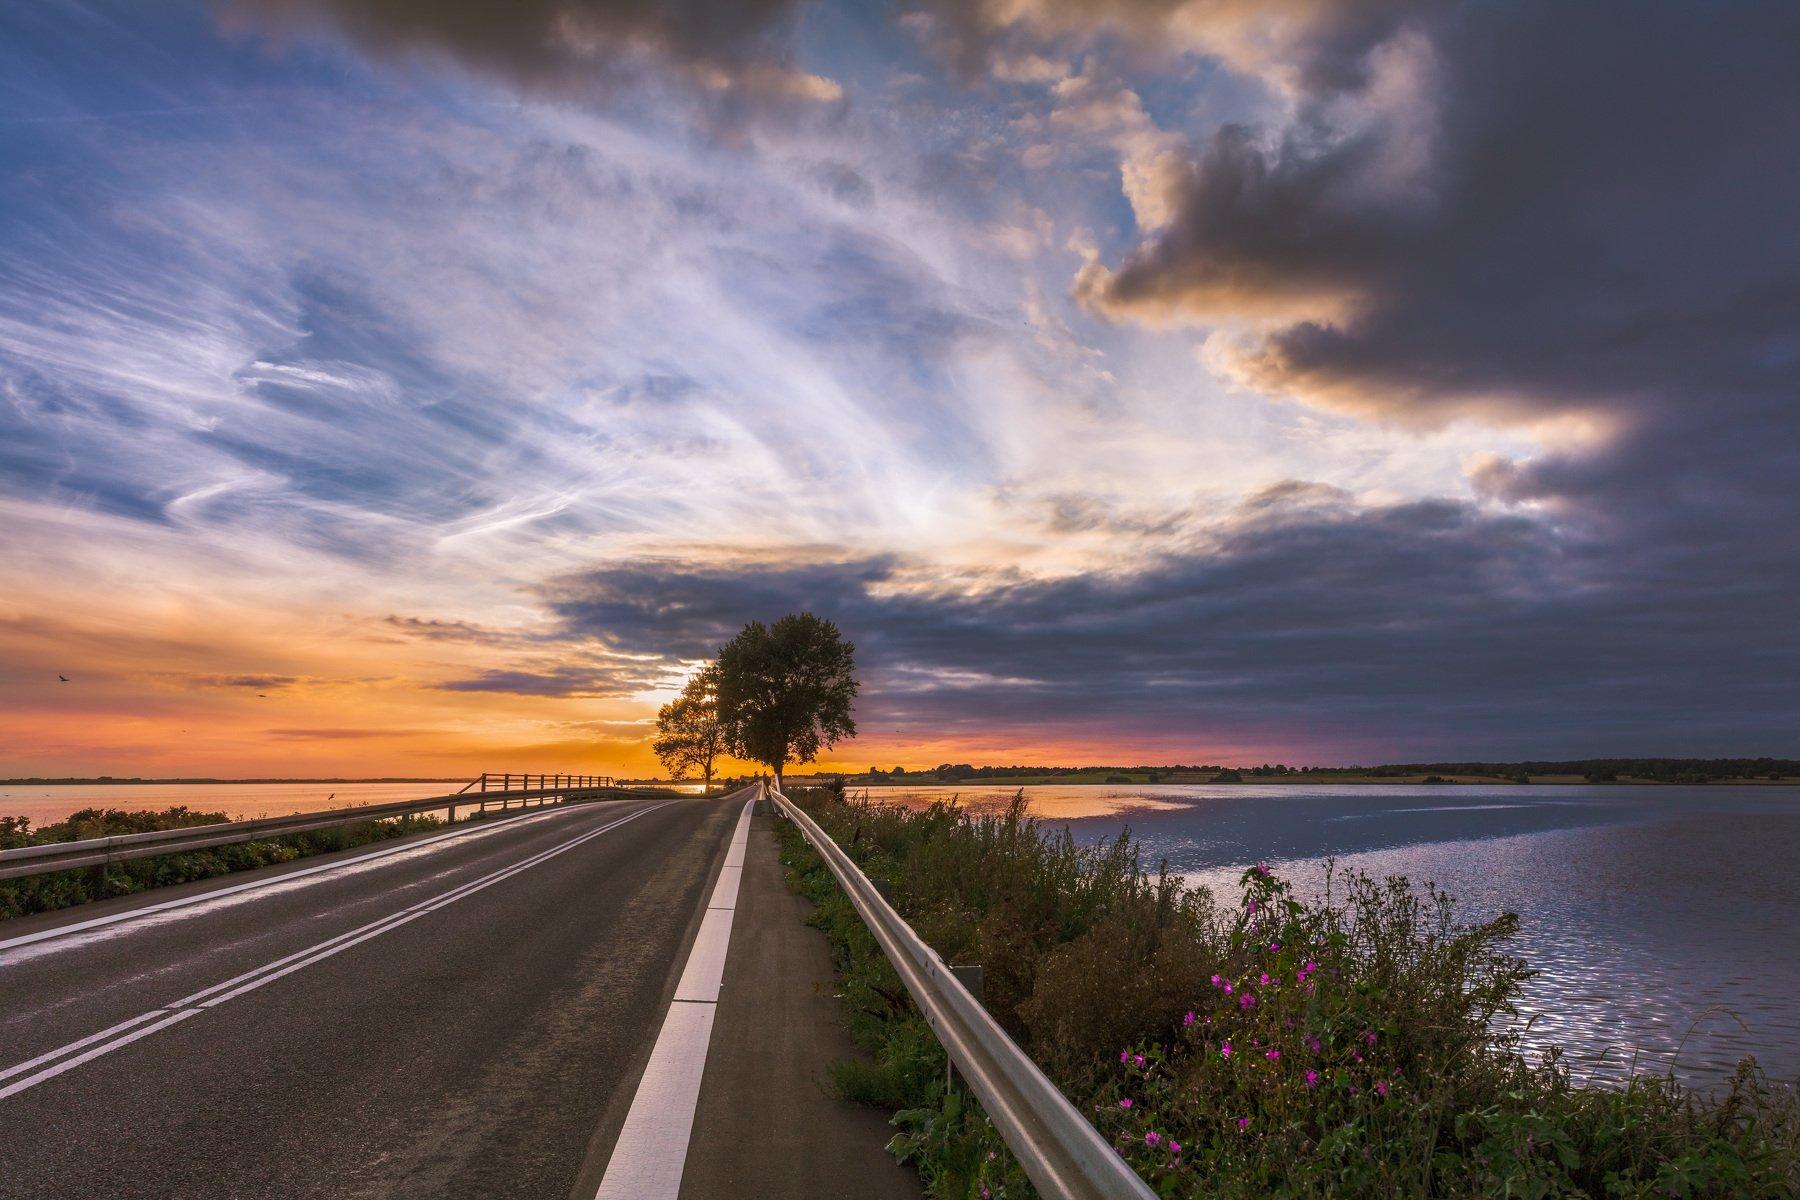 дания, мост, дерево, дорога, облака, закат, небо,, Marat Max (Марат Макс)